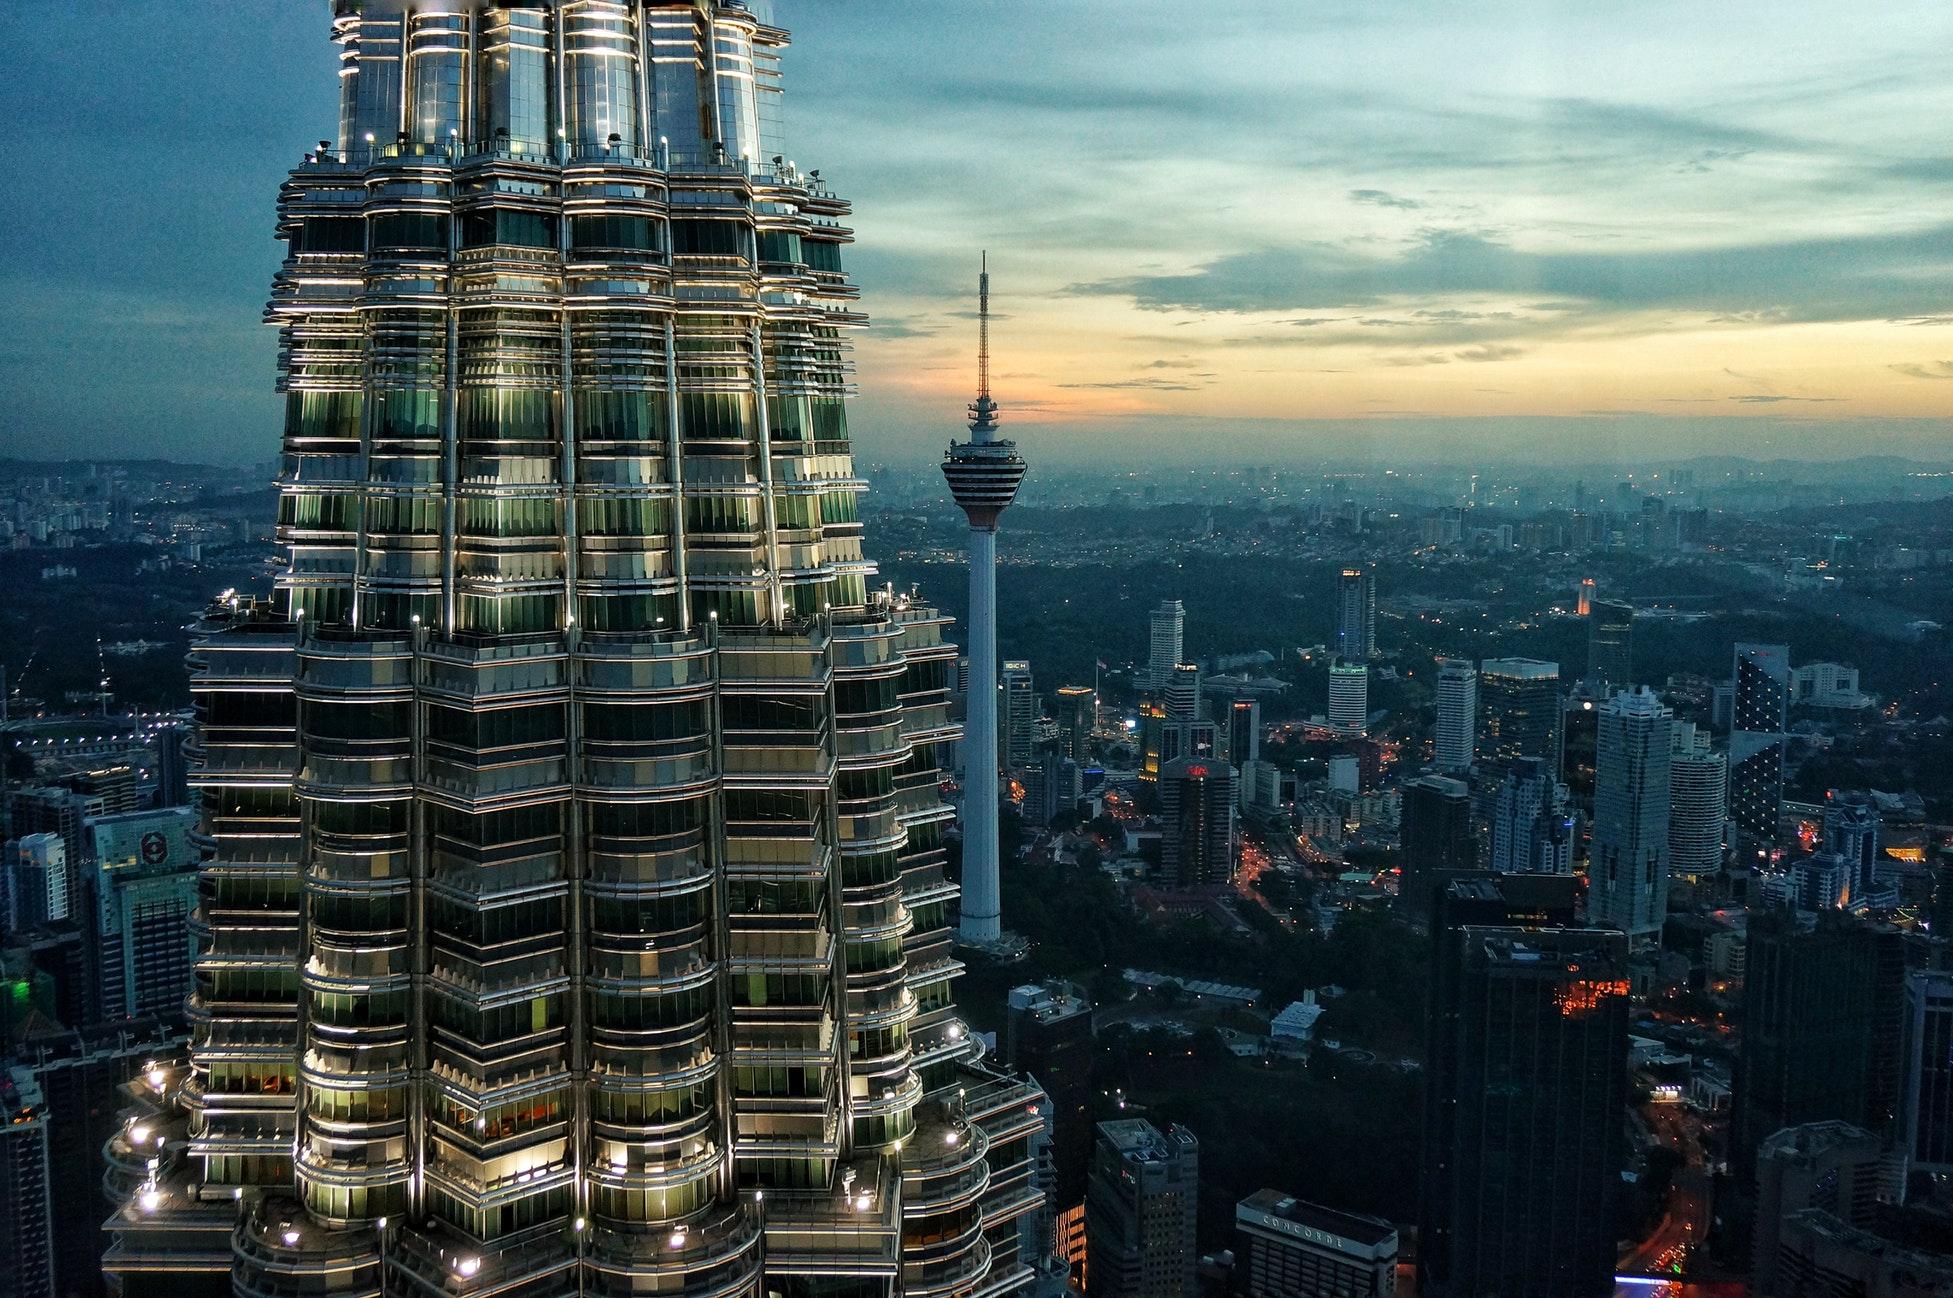 Kuala lumpur - CITY OF DREAMS